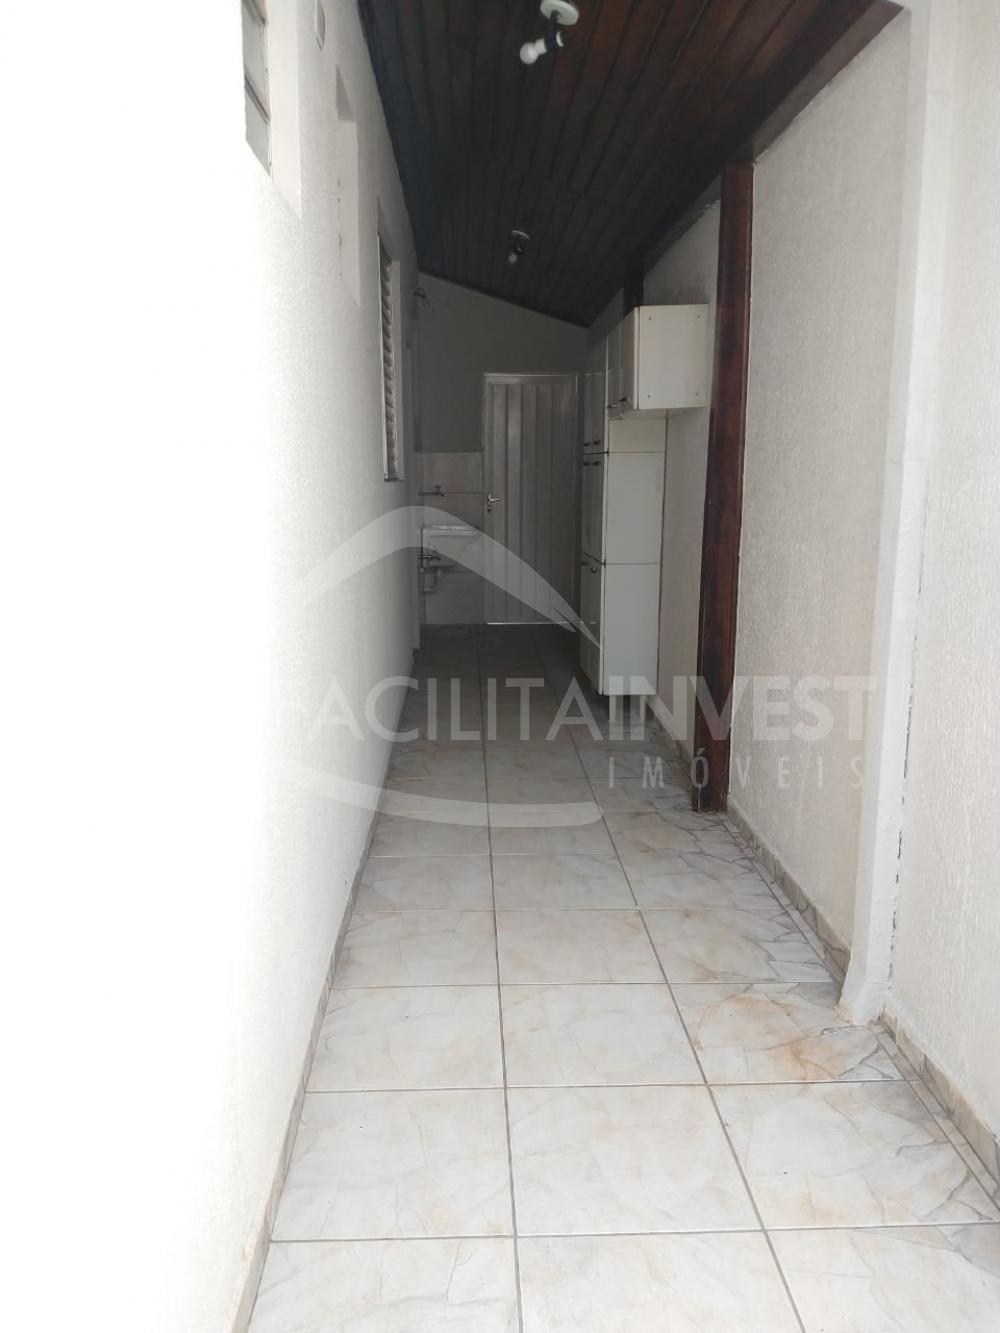 Comprar Casa Condomínio / Casa Condomínio em Ribeirão Preto apenas R$ 460.000,00 - Foto 22